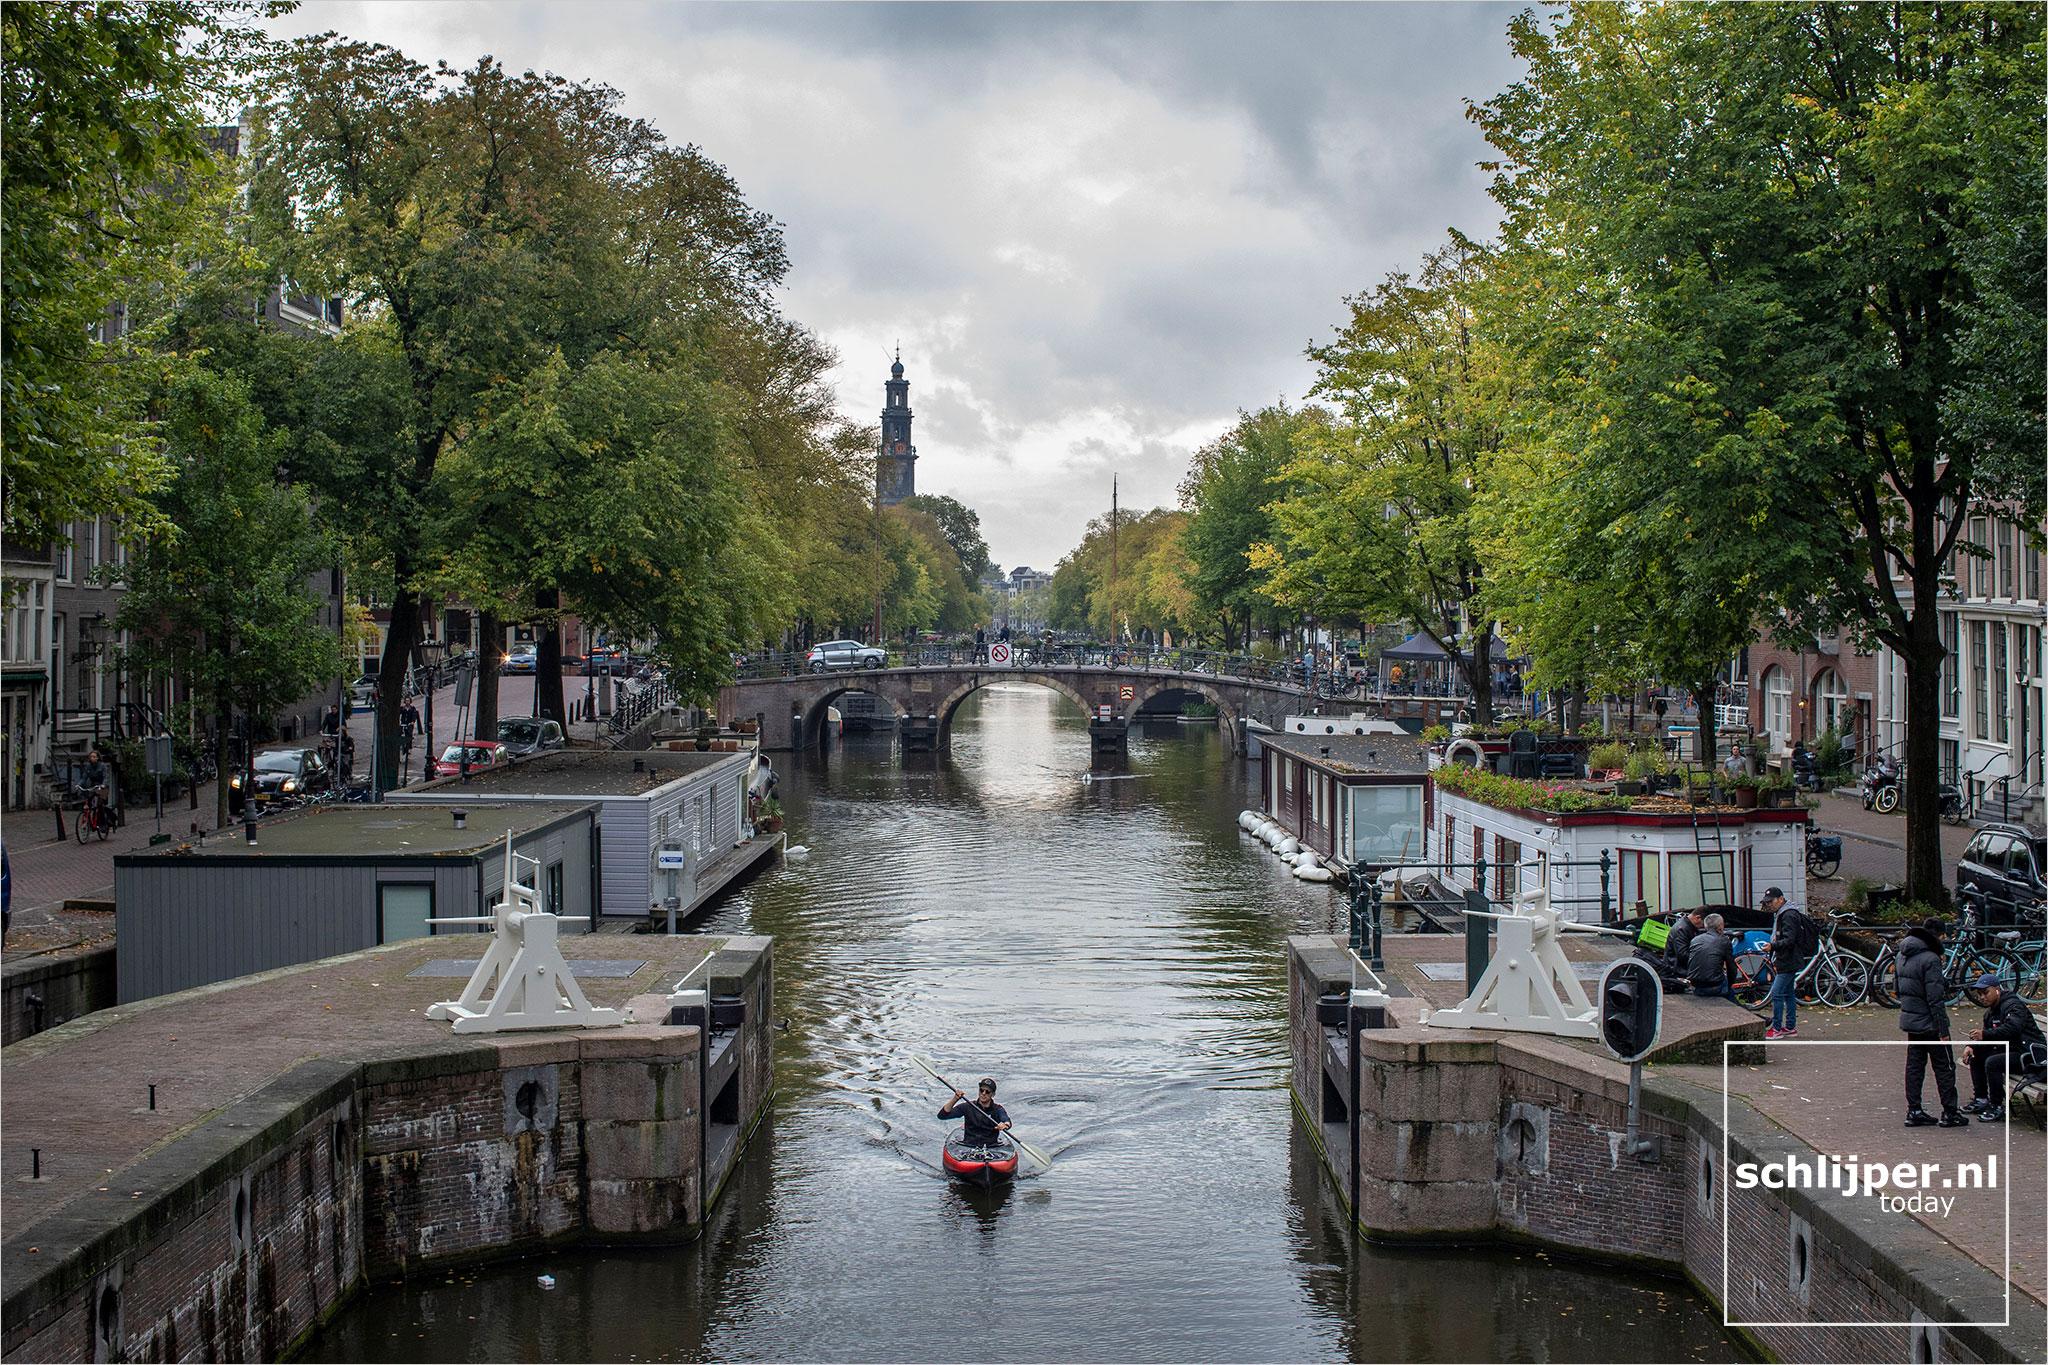 Nederland, Amsterdam, 30 september 2020